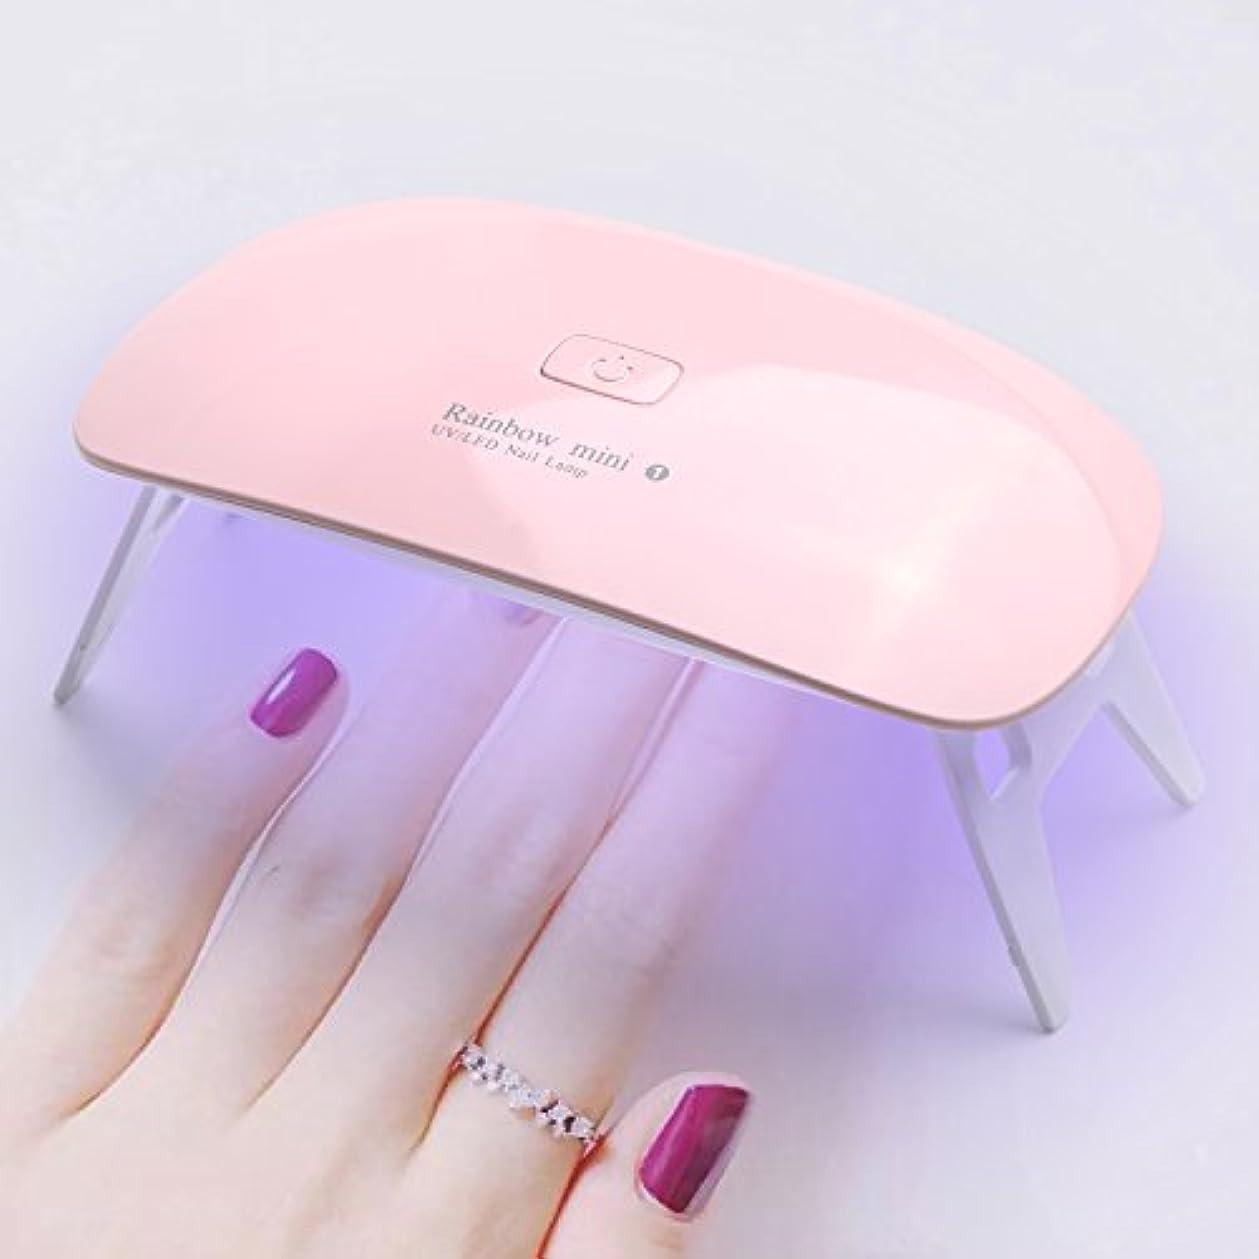 モバイルオーバーヘッドのりLEDネイルドライヤー AmoVee UVライト タイマー設定可能 折りたたみ式 ジェルネイル用 (pink)